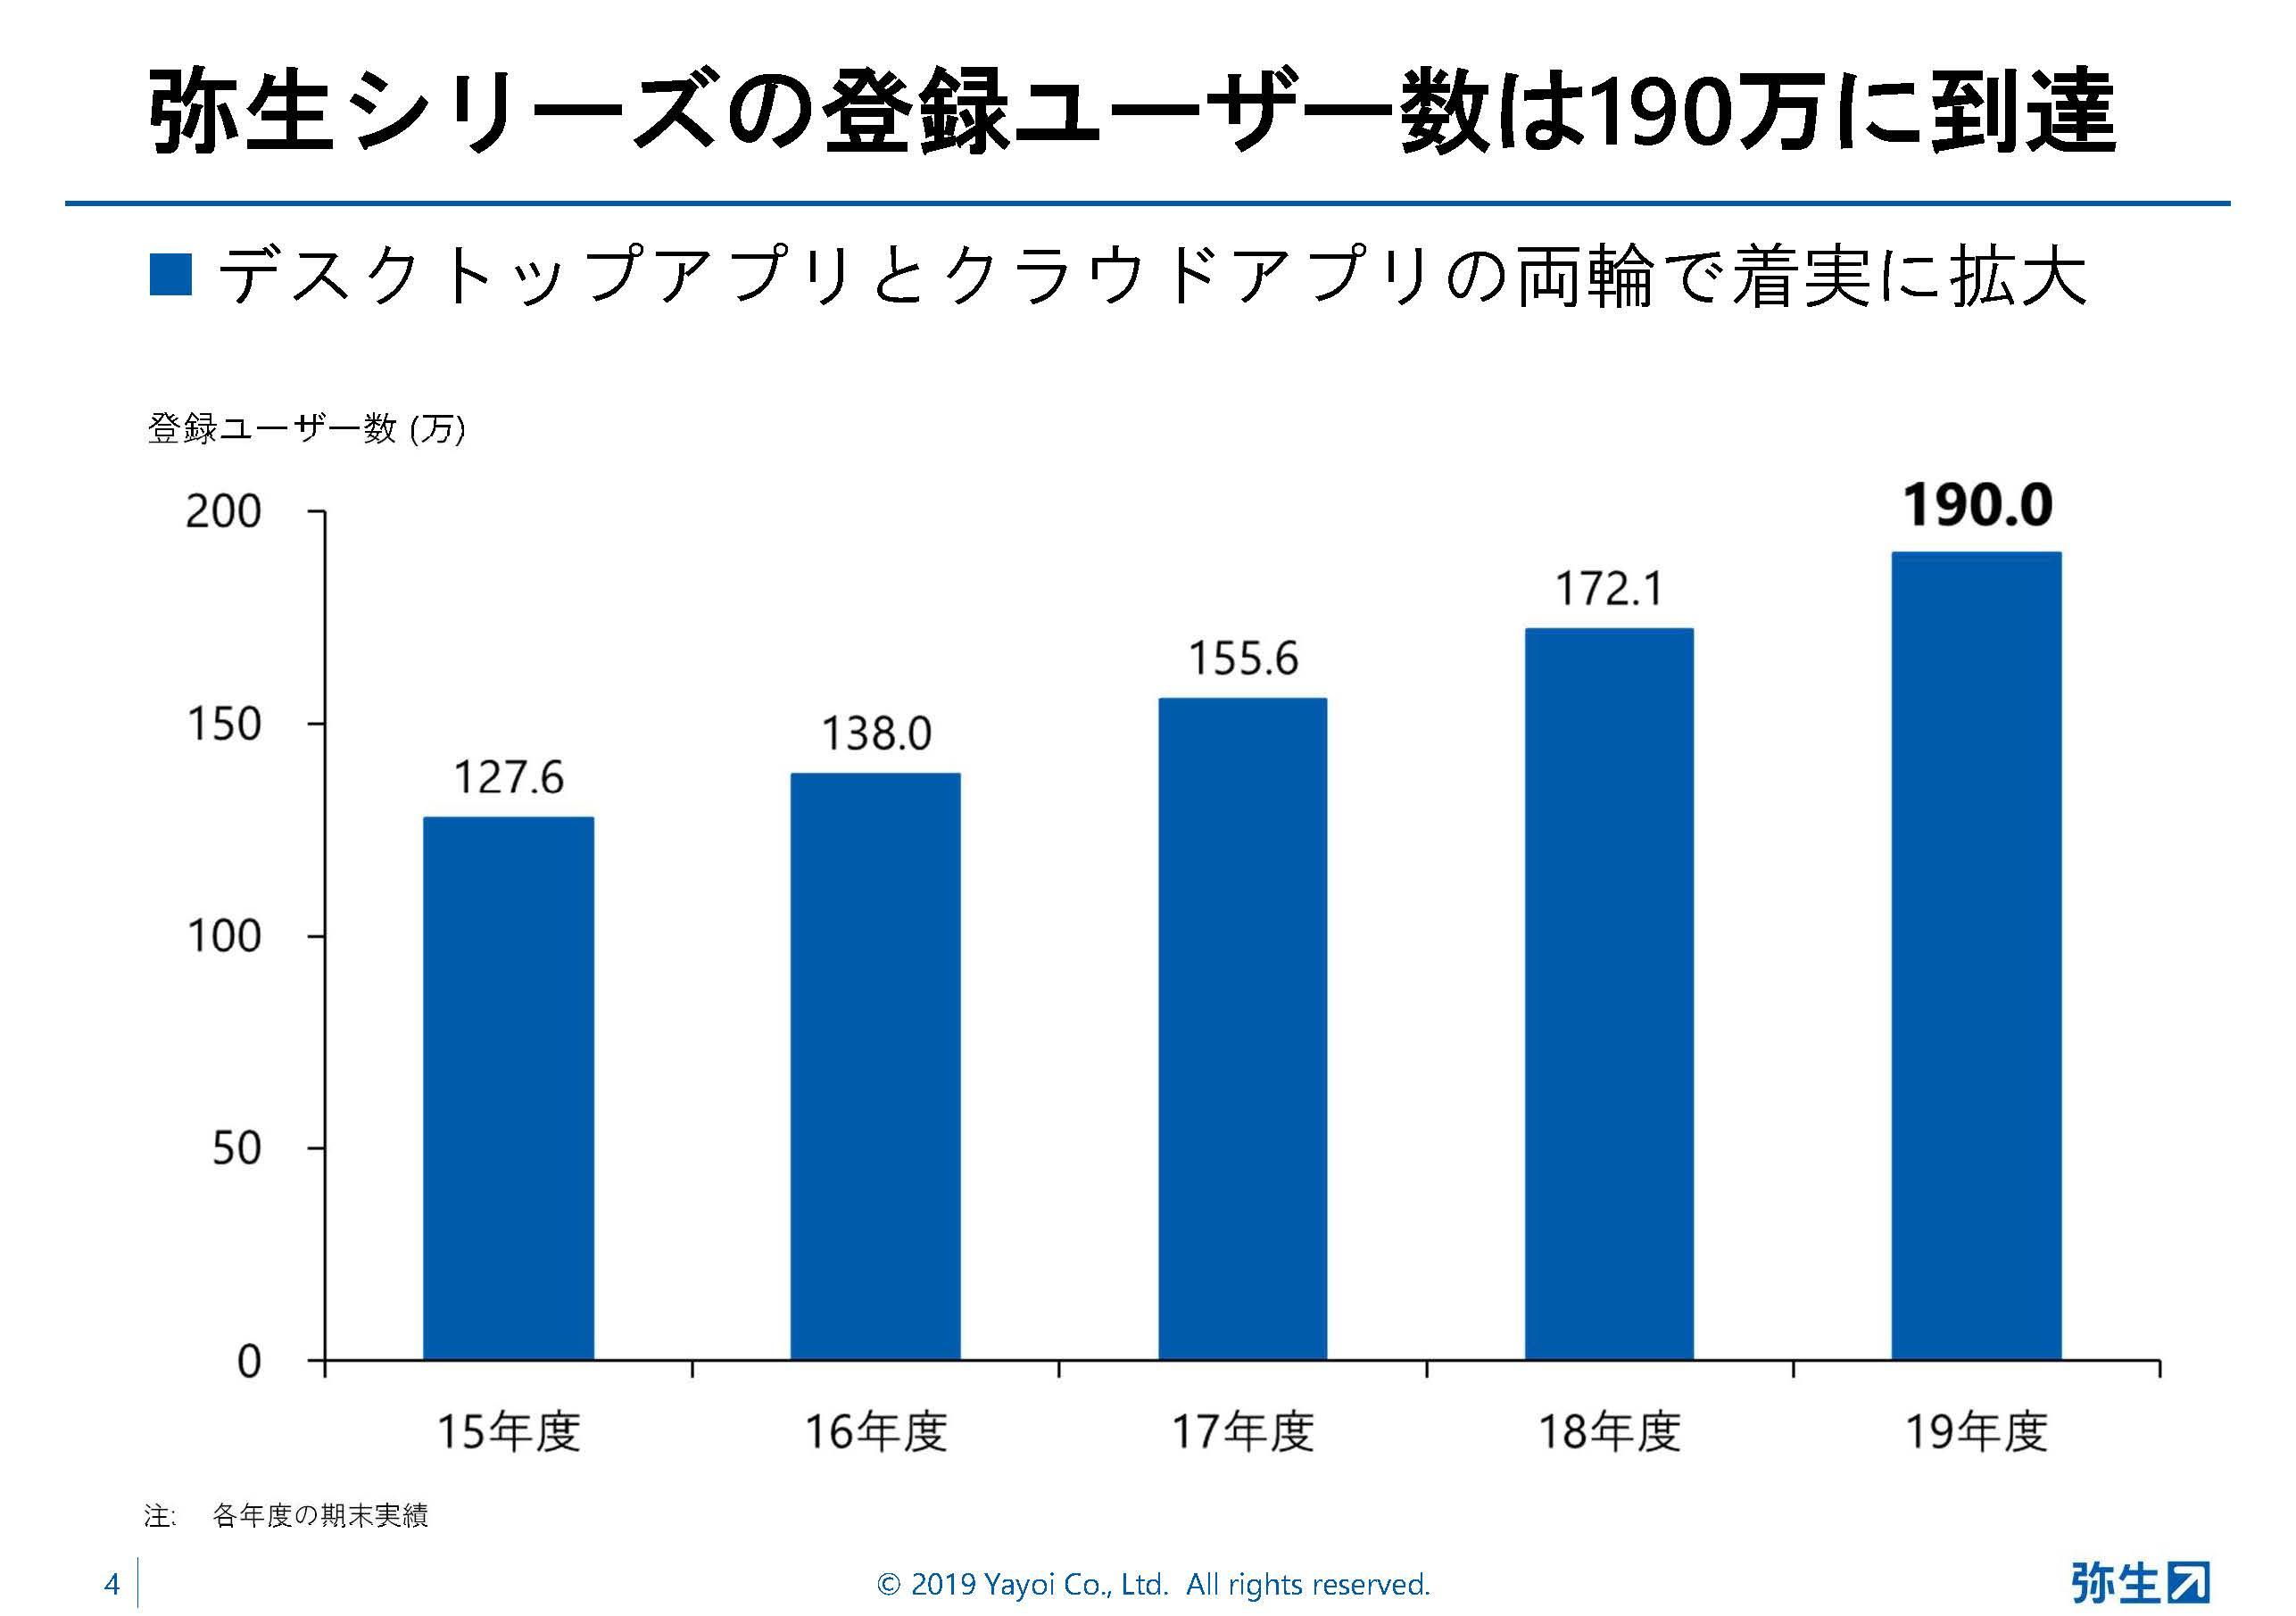 弥生シリーズの登録ユーザーは190万を突破